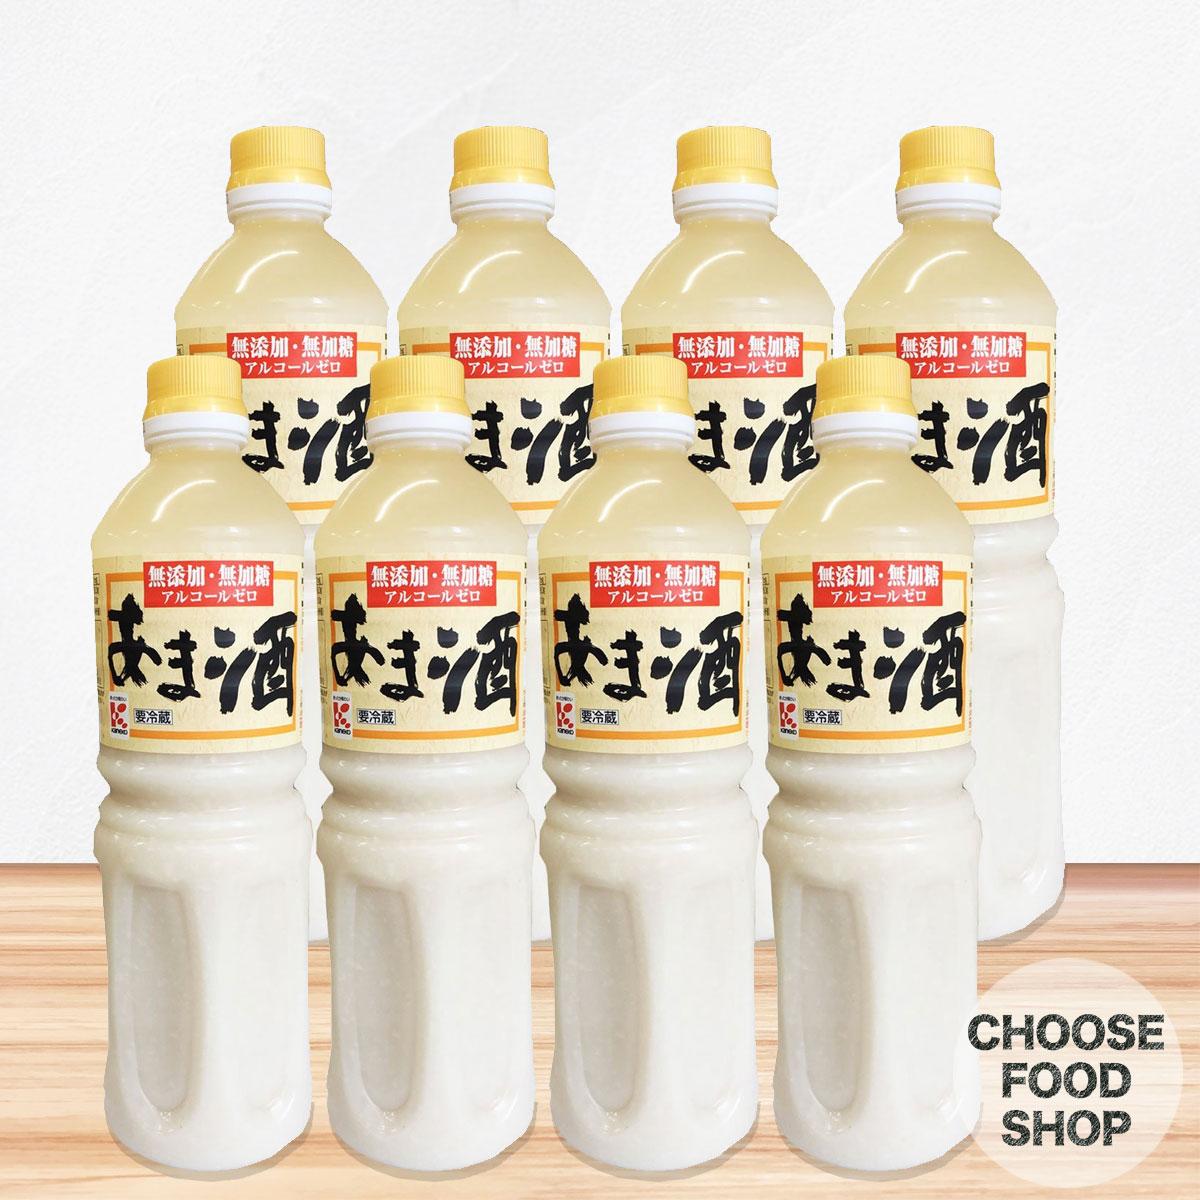 かねこみそ 無添加・無加糖 あま酒 1000ml×8本【ペットボトル】アルコールゼロ